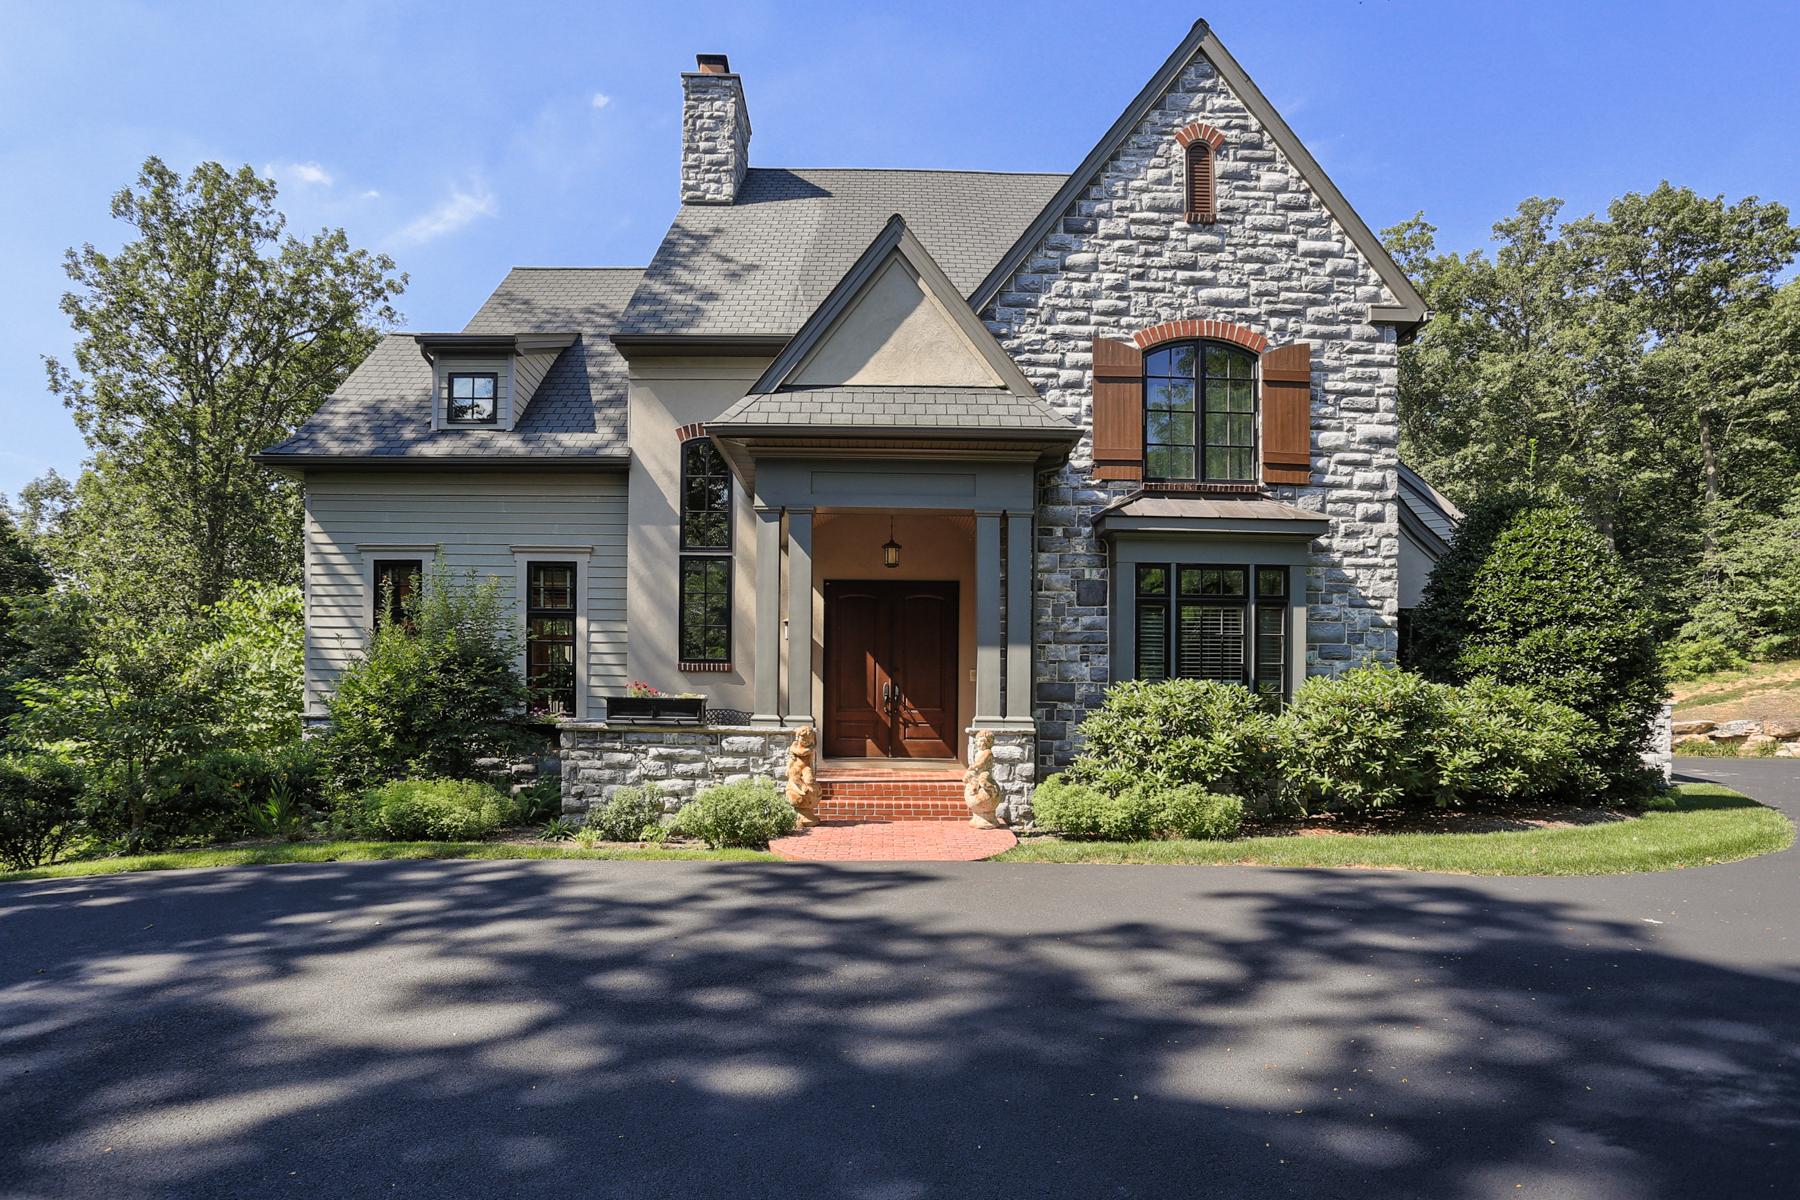 独户住宅 为 销售 在 3832 Hillcrest Drive 哥伦比亚, 宾夕法尼亚州 17512 美国